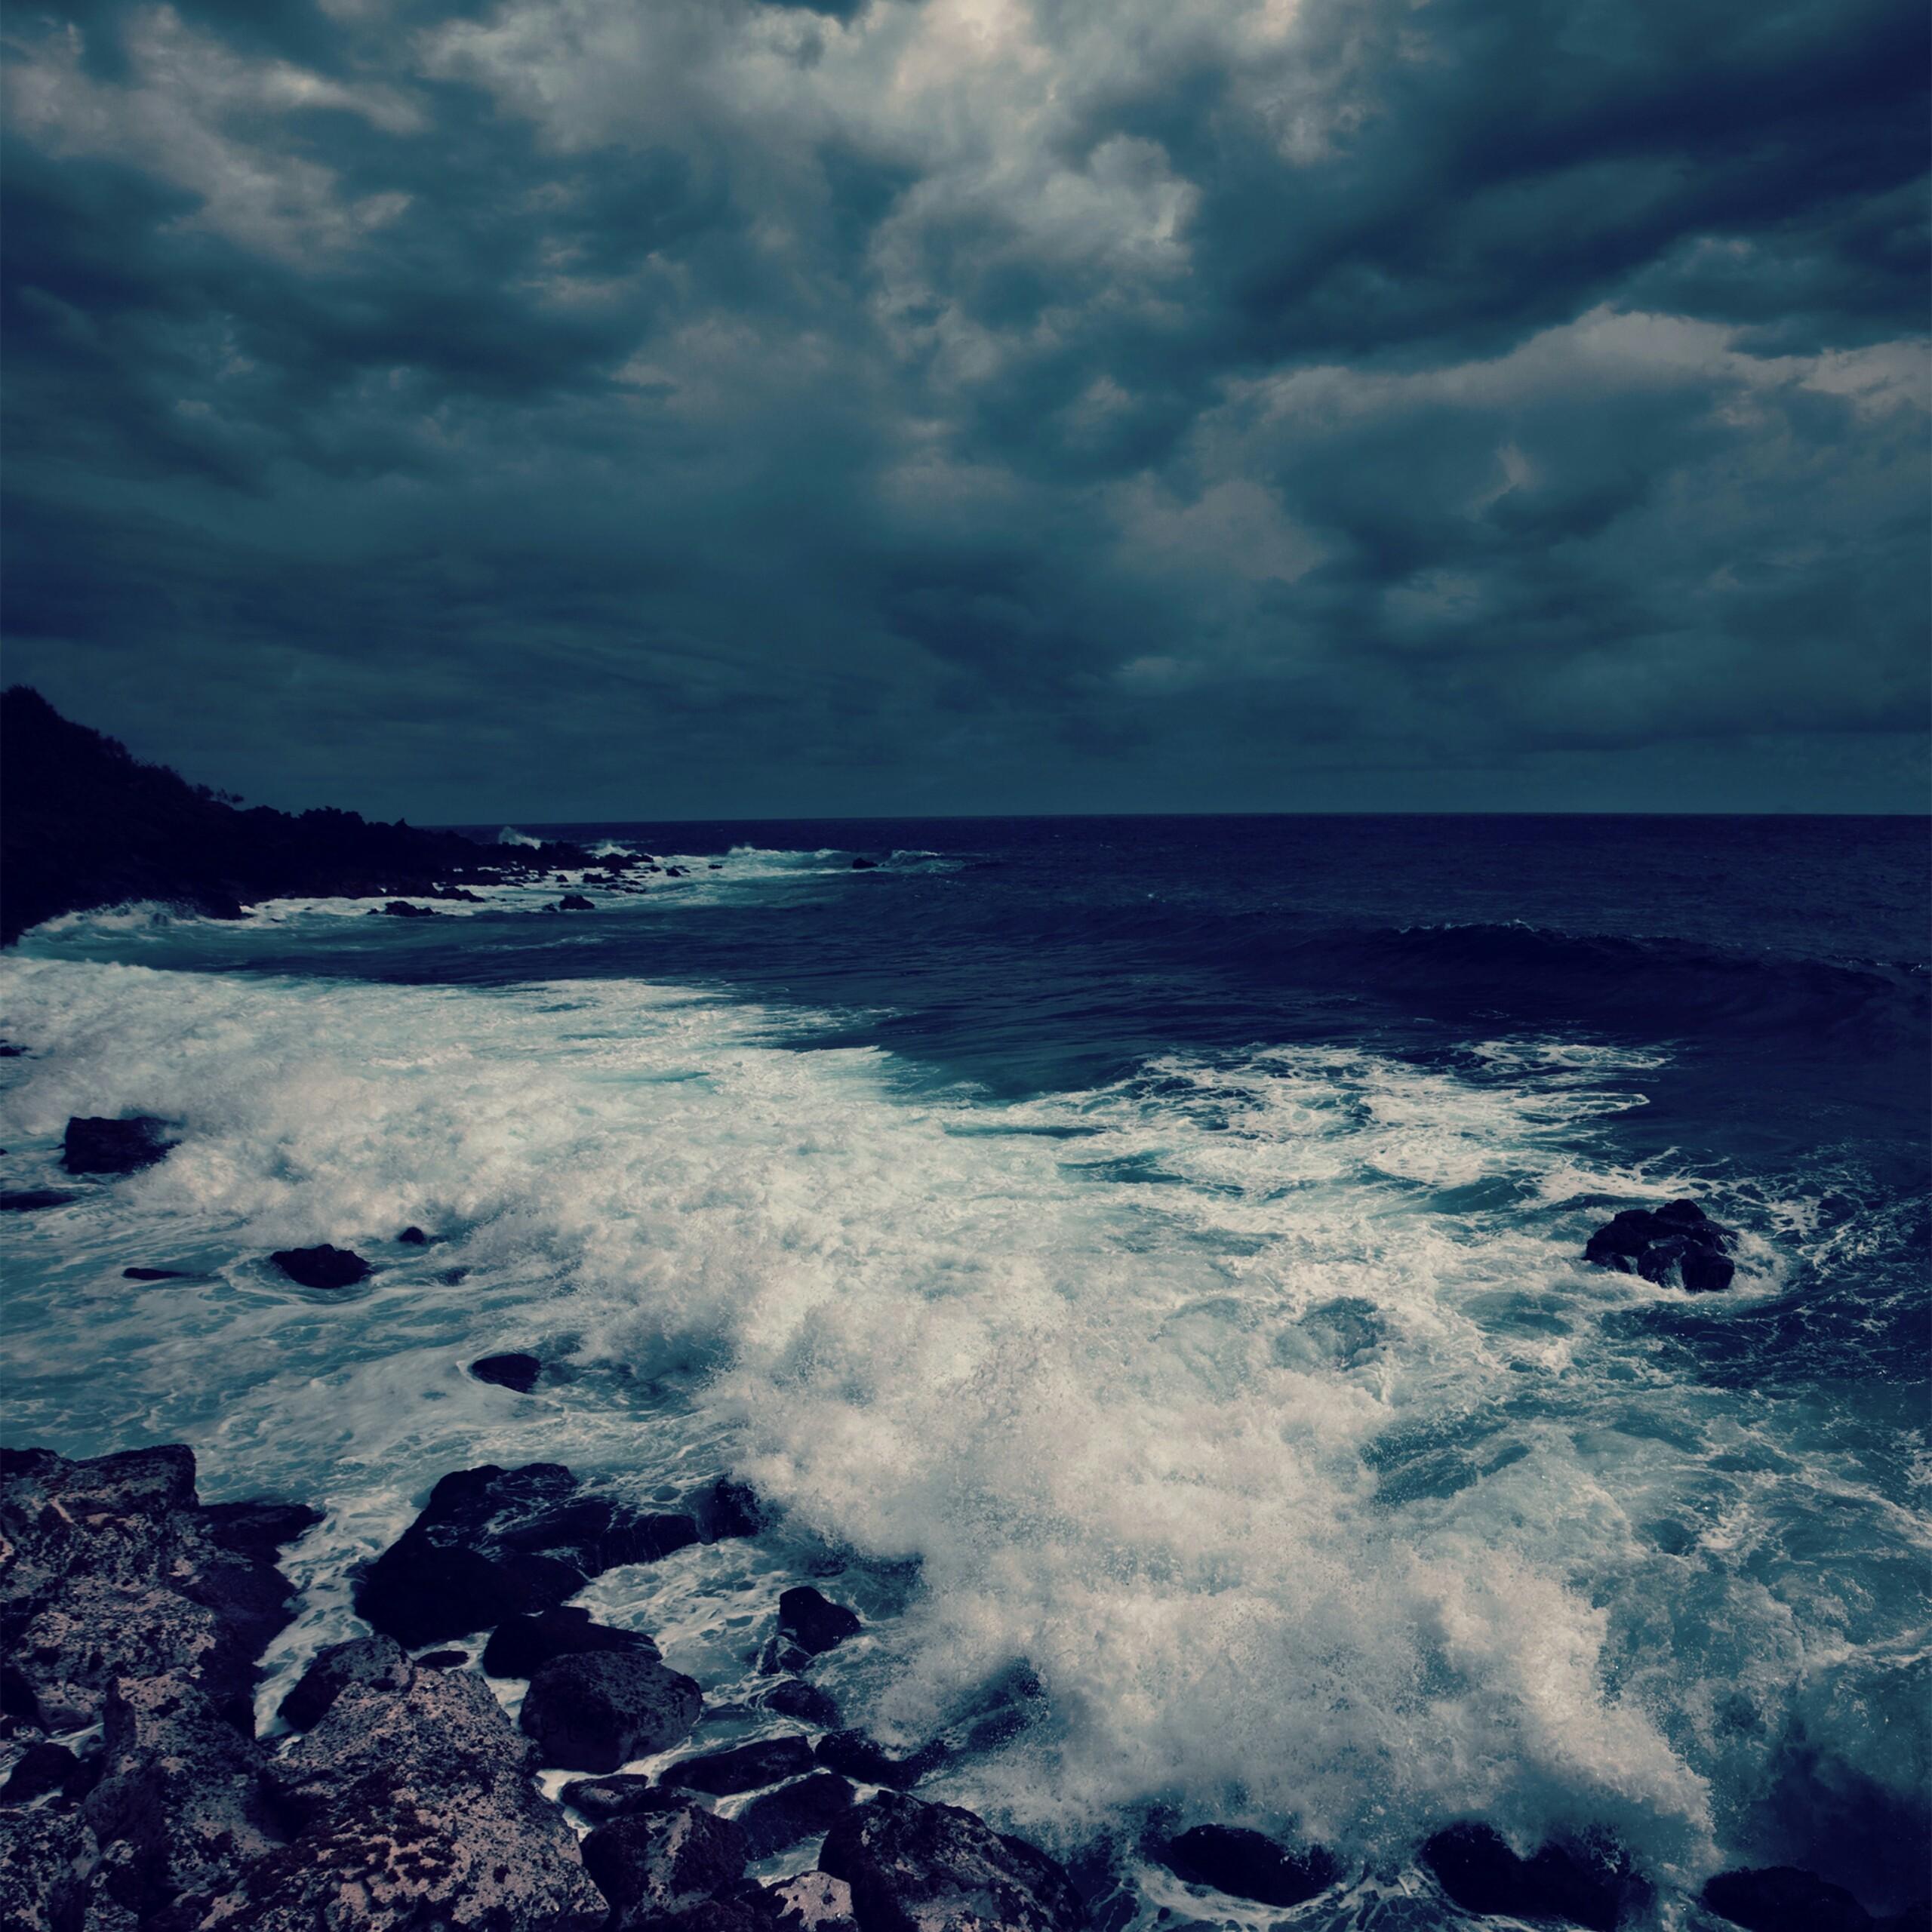 Hd Ocean Wallpaper: Ocean Pictures UHD , FHD ,HD+, WUXGA, WQHD, QHD